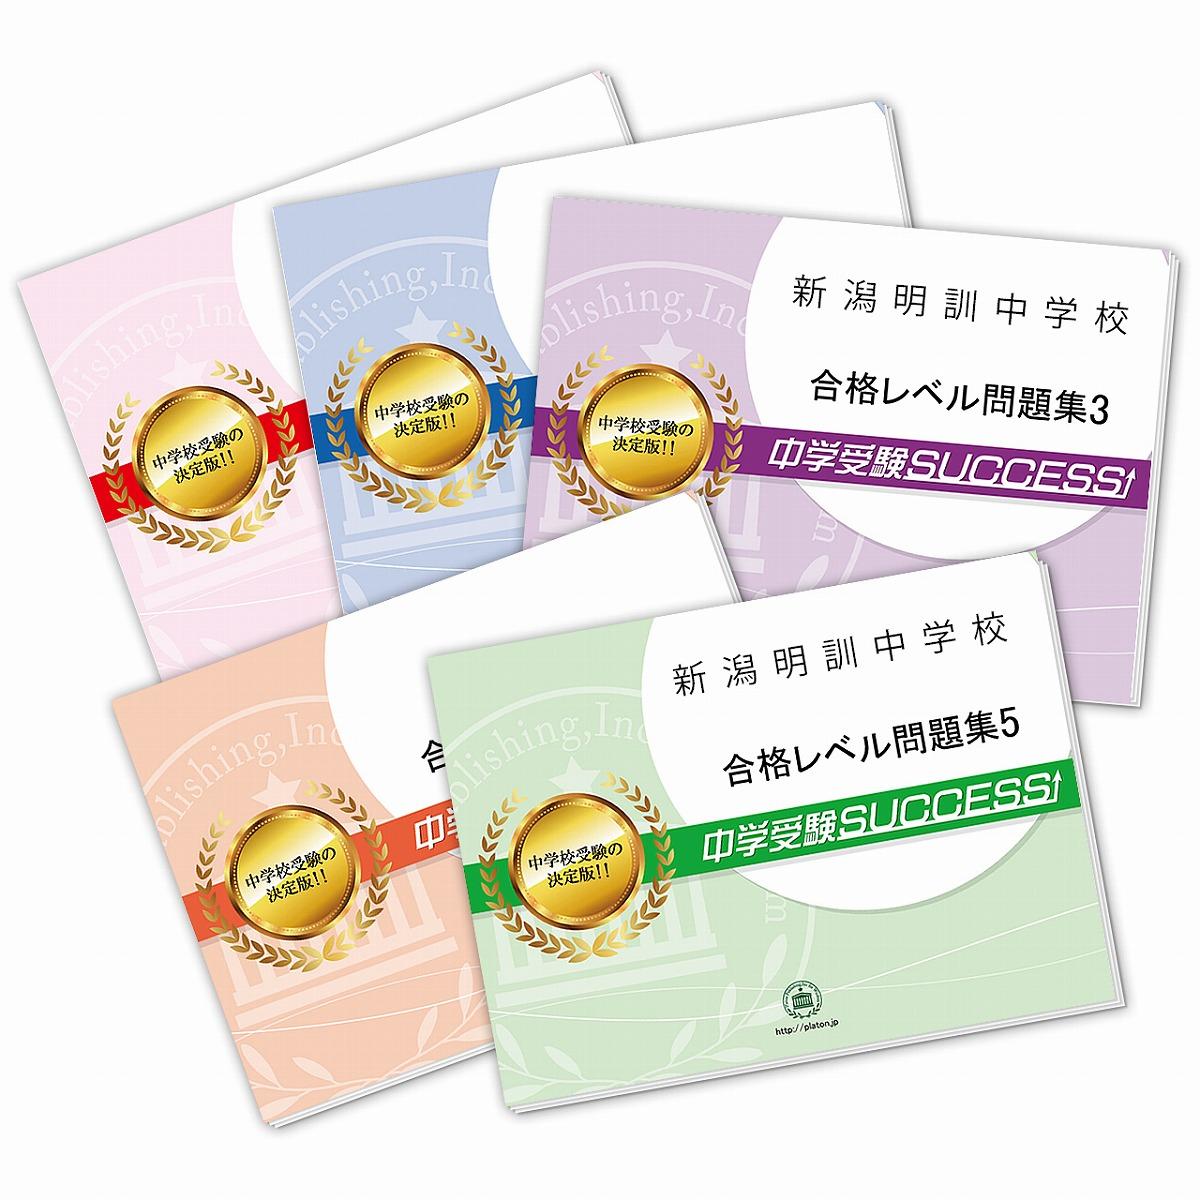 【送料・代引手数料無料】新潟明訓中学校・直前対策合格セット(5冊)